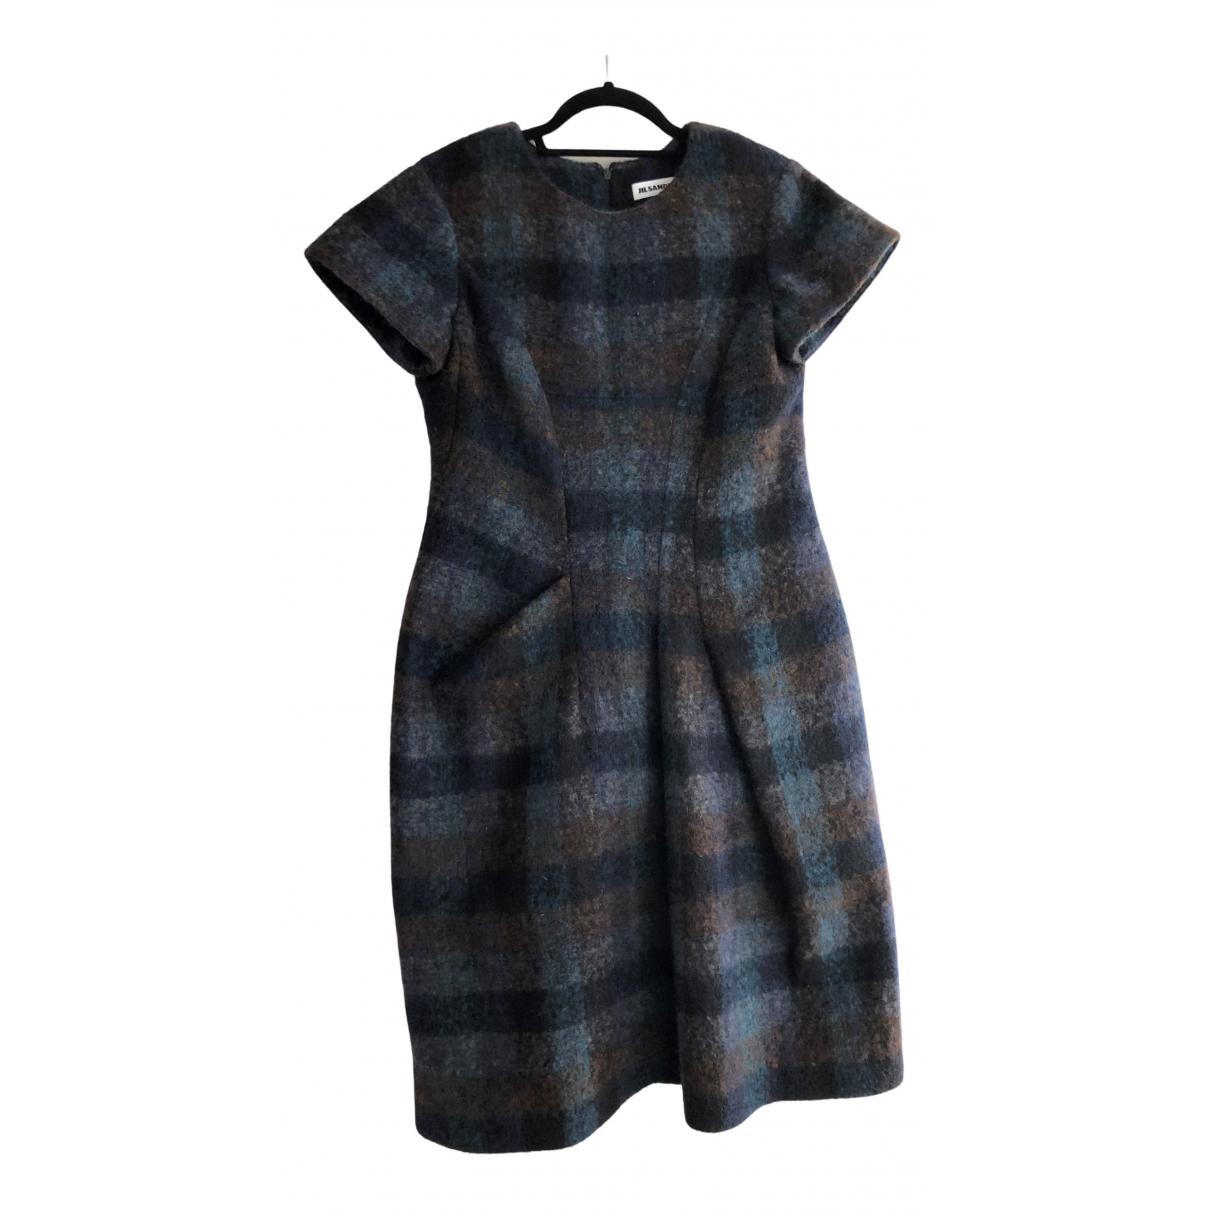 Jil Sander \N Kleid in  Blau Wolle